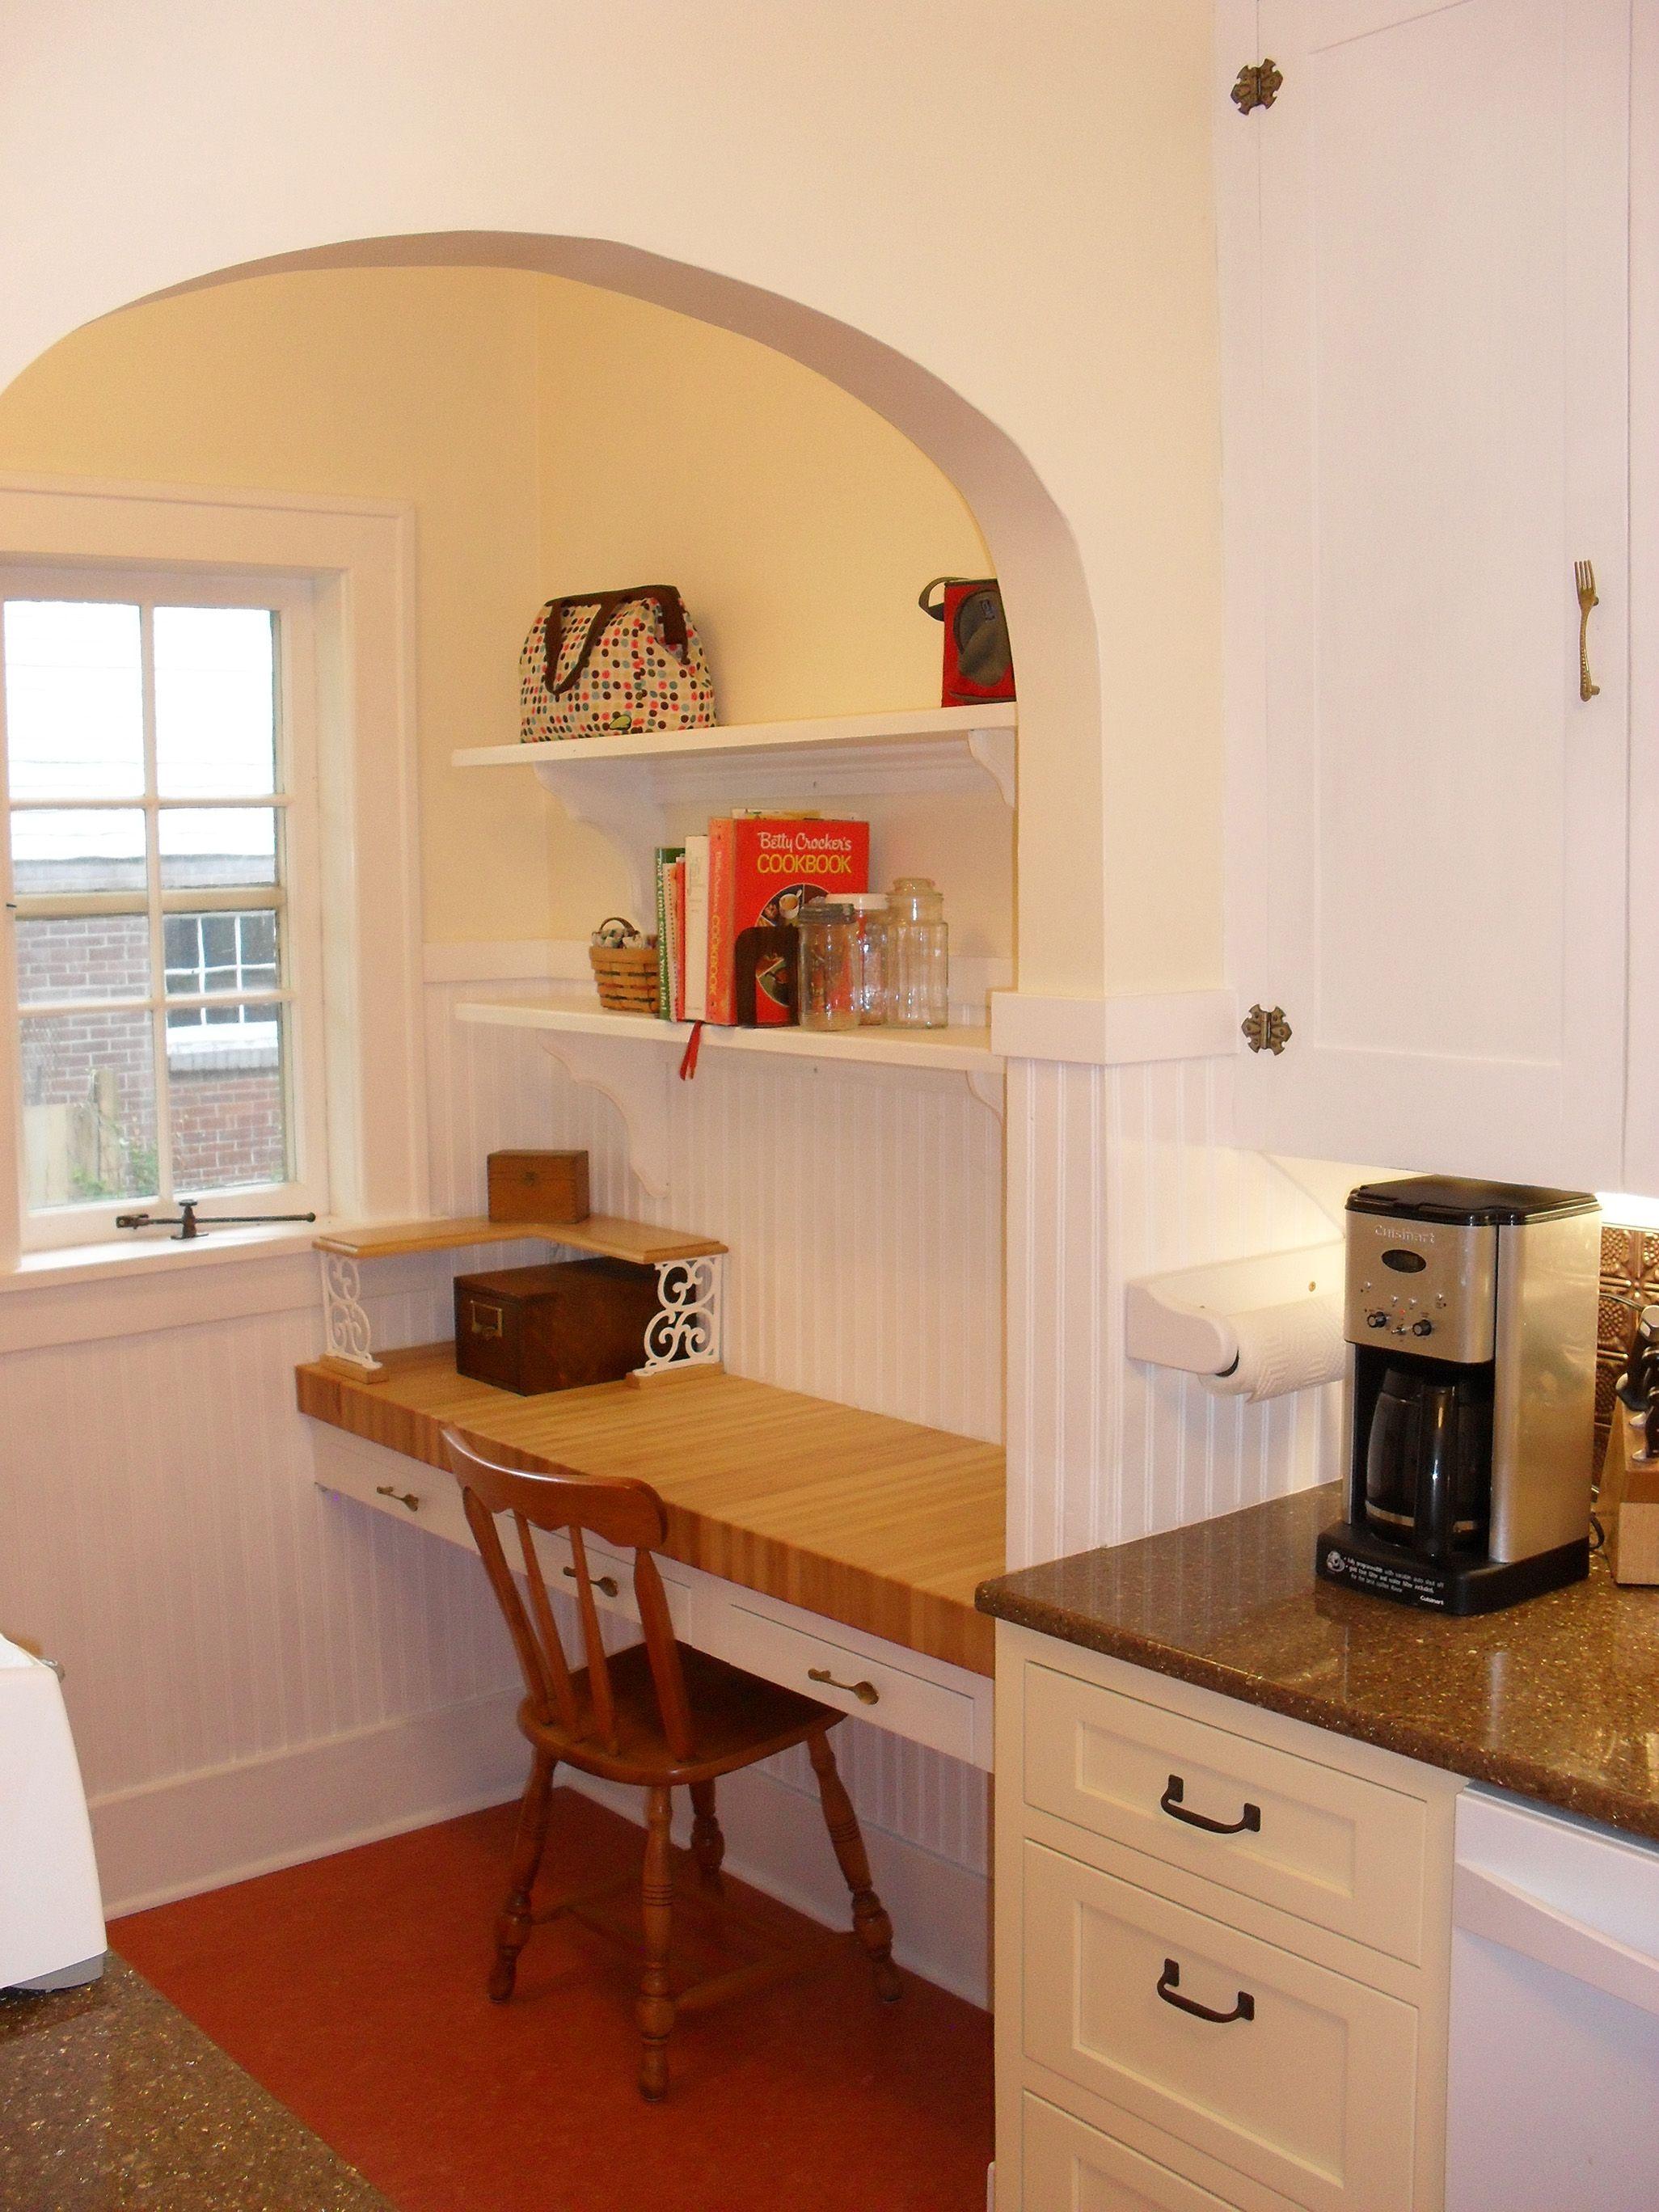 Kitchen Design Bangor Maine] Wellesley Way Bangor Rent ...